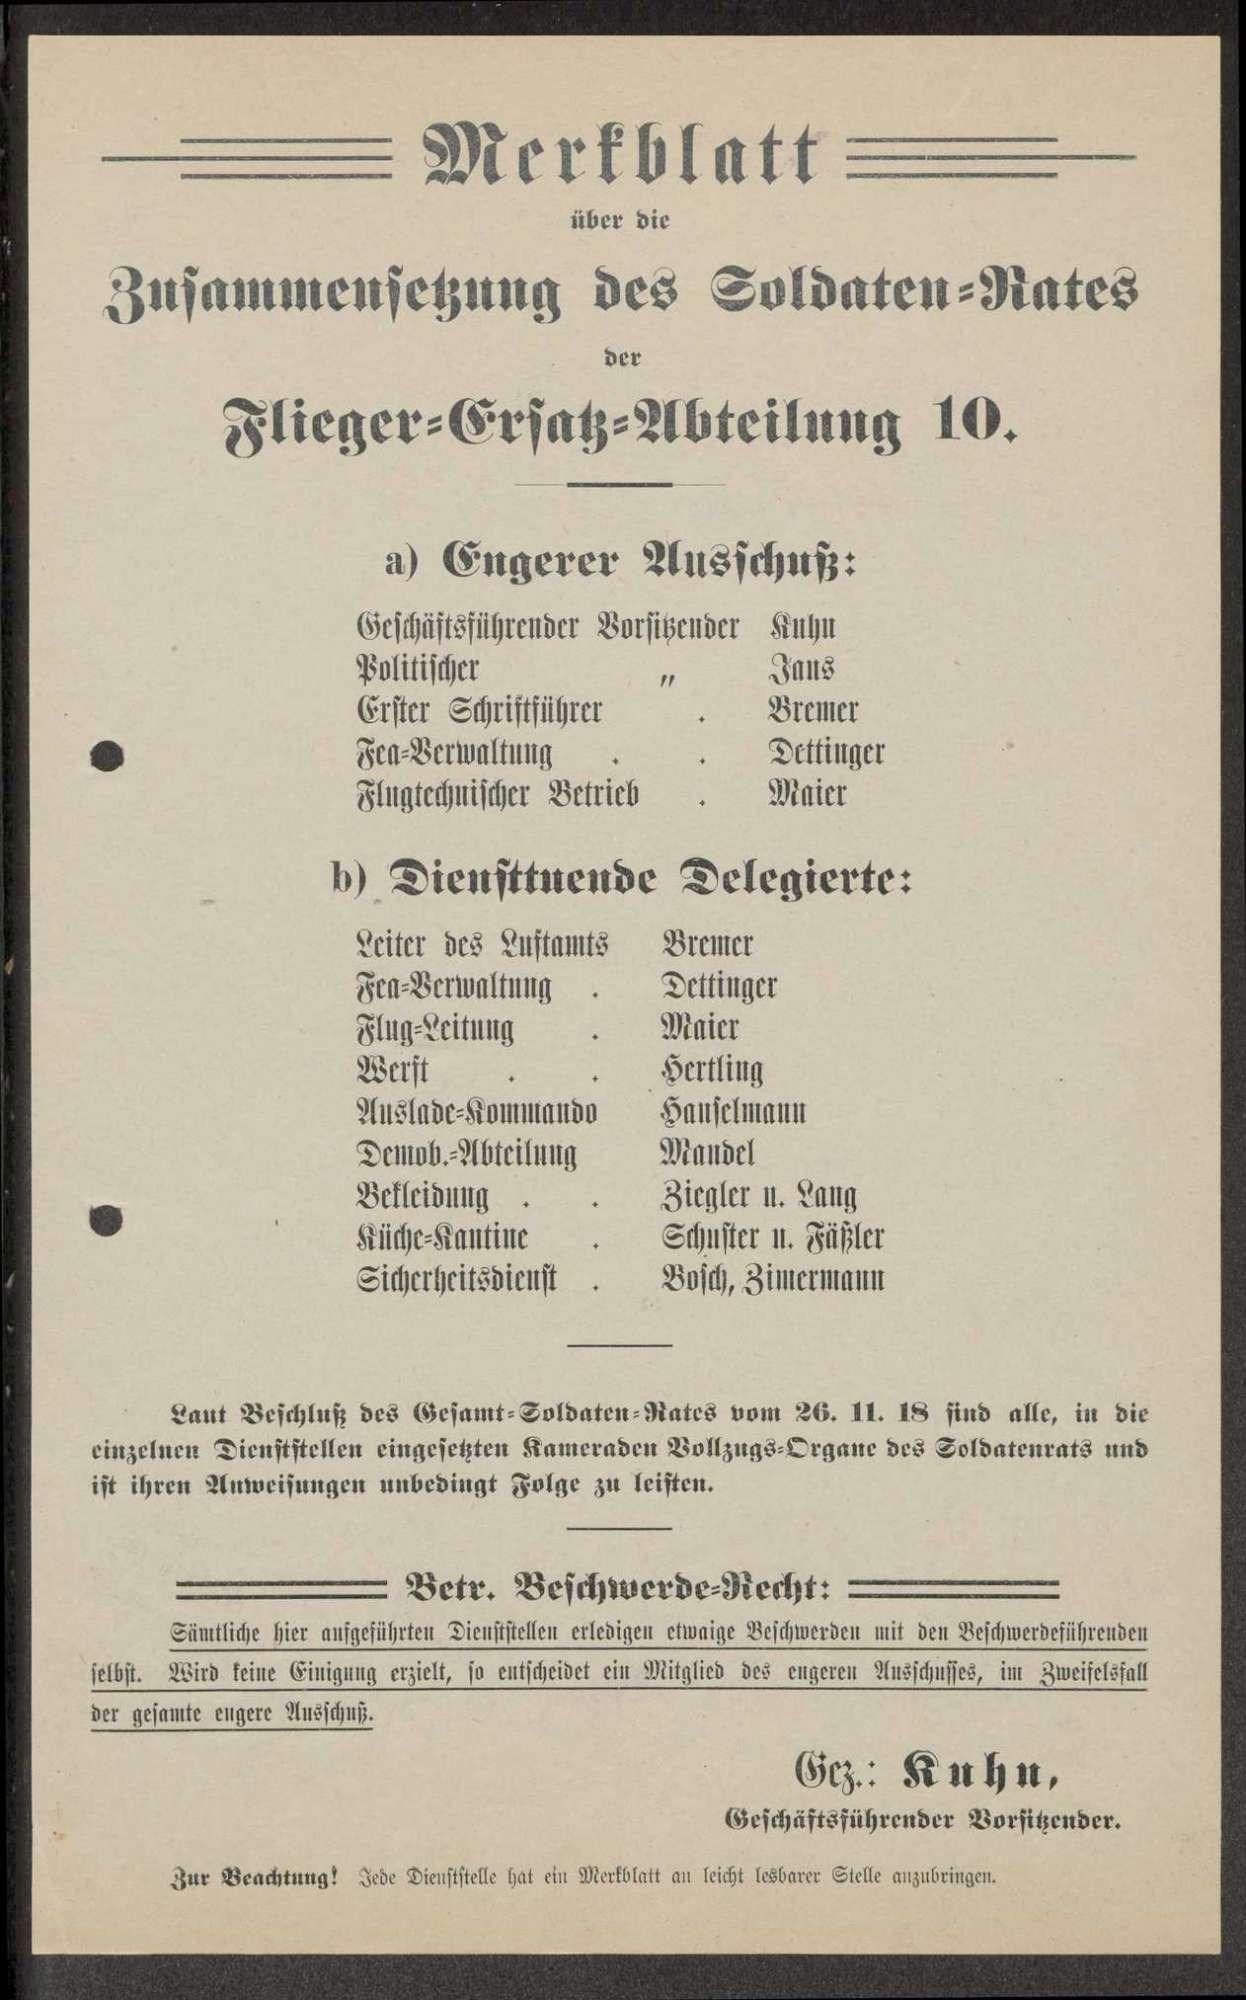 Zusammensetzung des Garnison- und Soldatenrates der Flieger-Ersatz-Abteilung 10, Bild 3